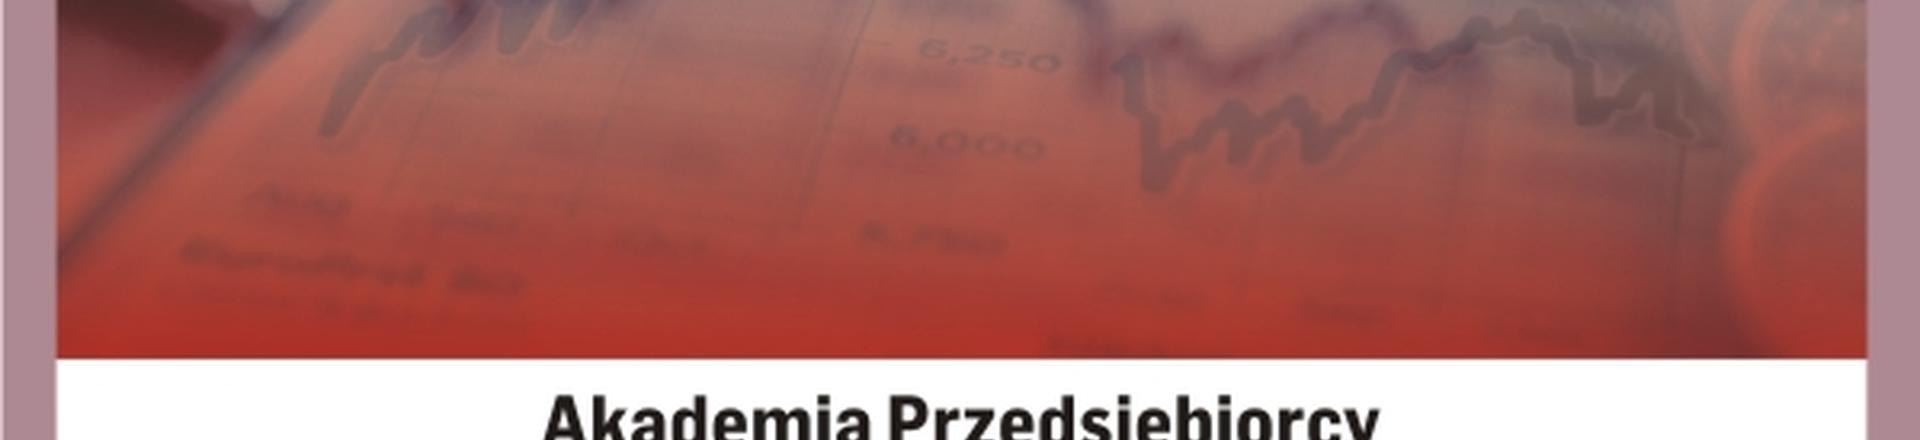 Cykl Akademia Przedsiębiorcy: Kapitał i bezpieczeństwo Twojej firmy - Olsztyn